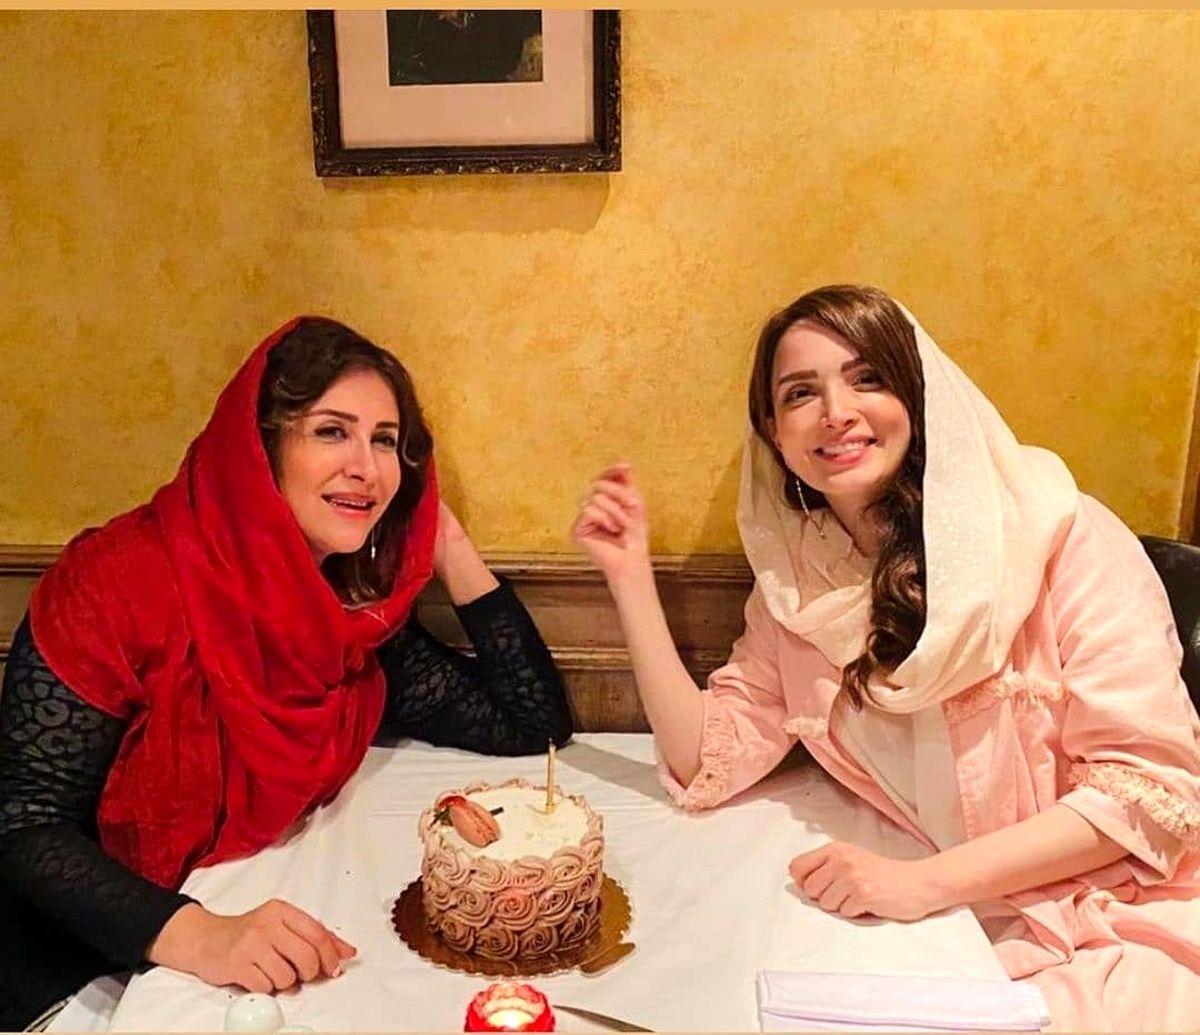 عکس بی حجاب بهنوش طباطبایی با دوستش در کافه !